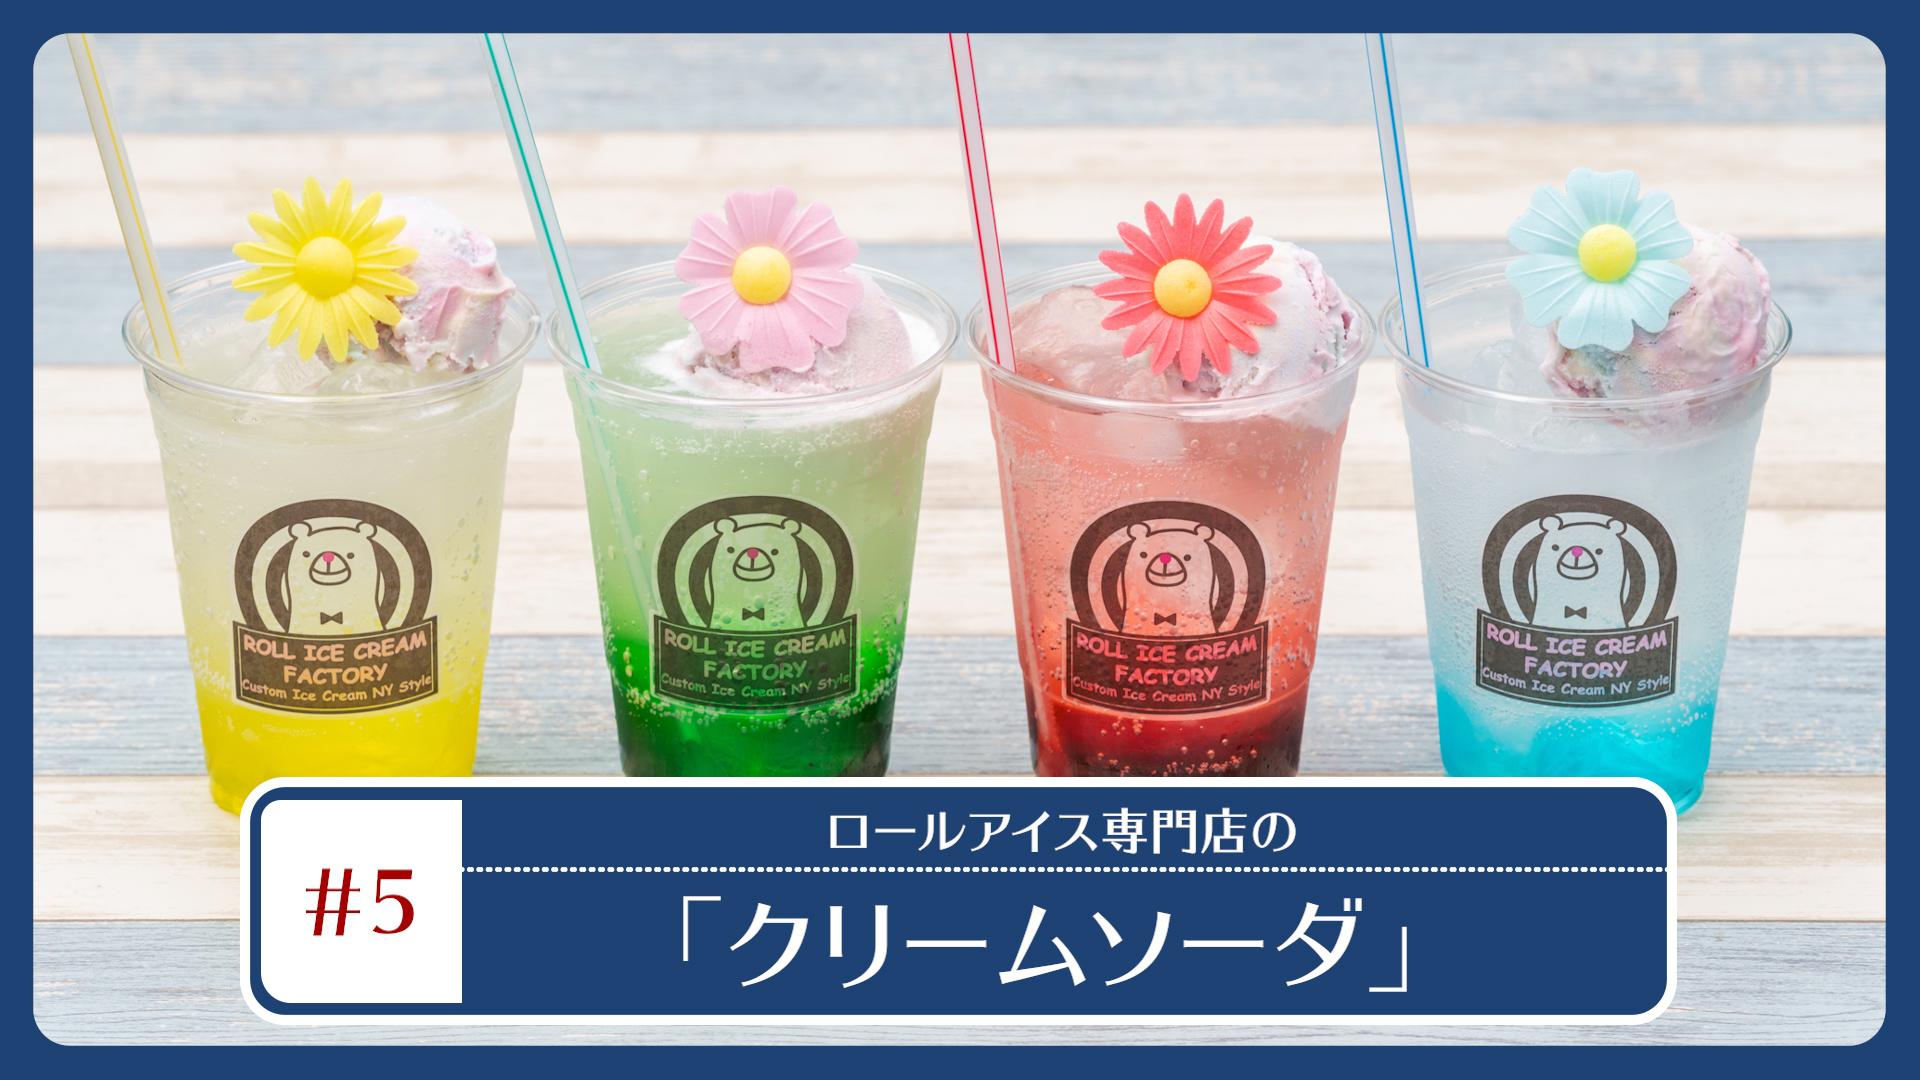 カラフルでレトロかわいいクリームソーダが、全国の「ロールアイスクリームファクトリー」に夏季限定で新登場!